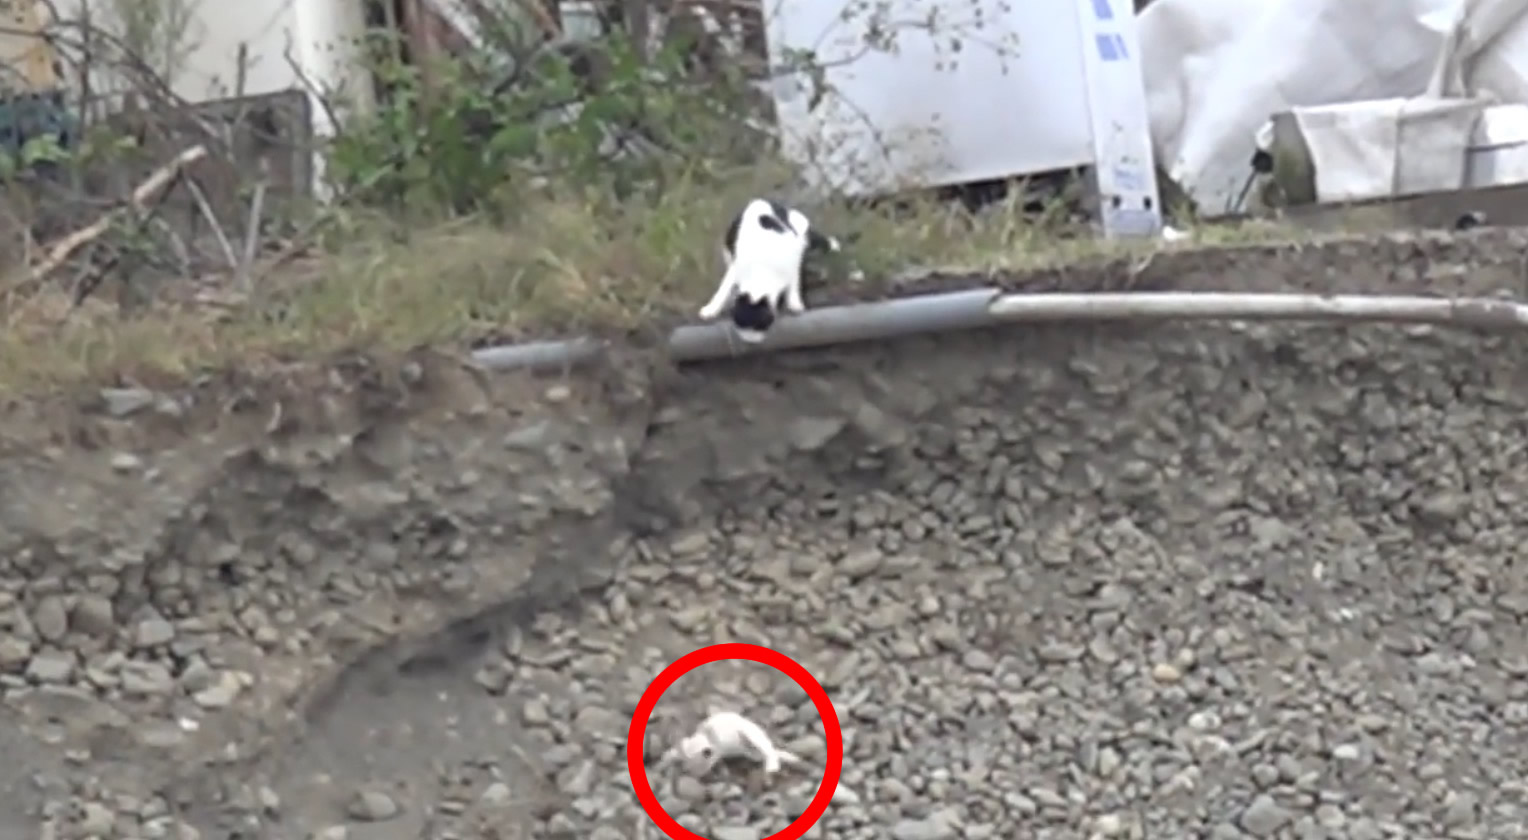 【日本】子猫が崖から転げ落ちたその瞬間、母猫は崖から飛び降りた!